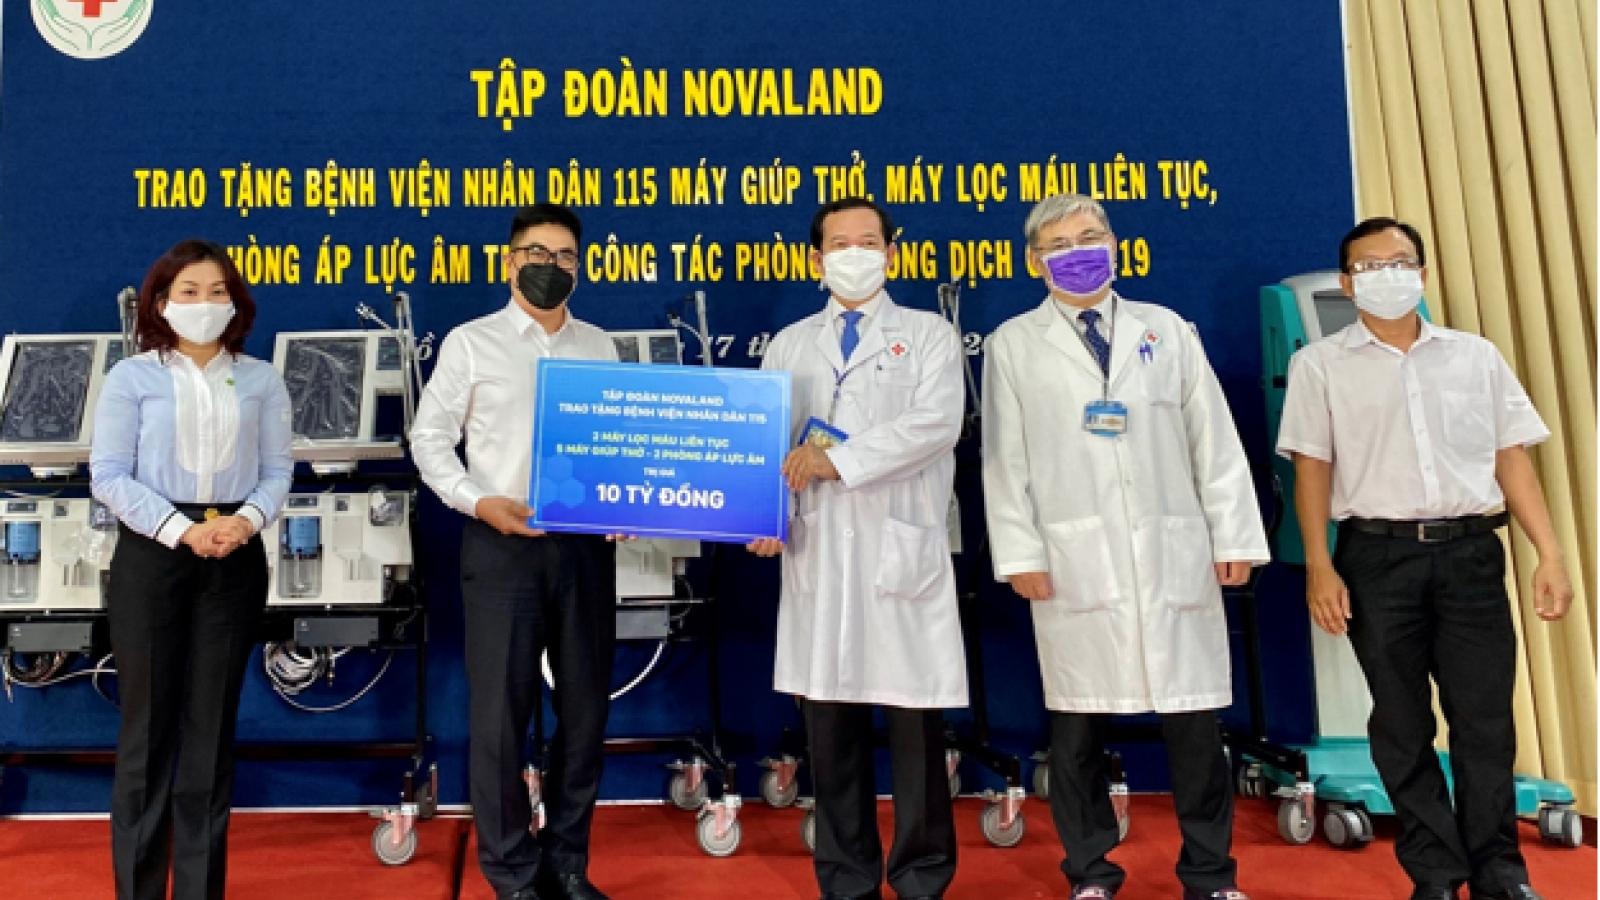 Novaland trao tặng thiết bị y tế tại Bệnh viện Nhân dân 115